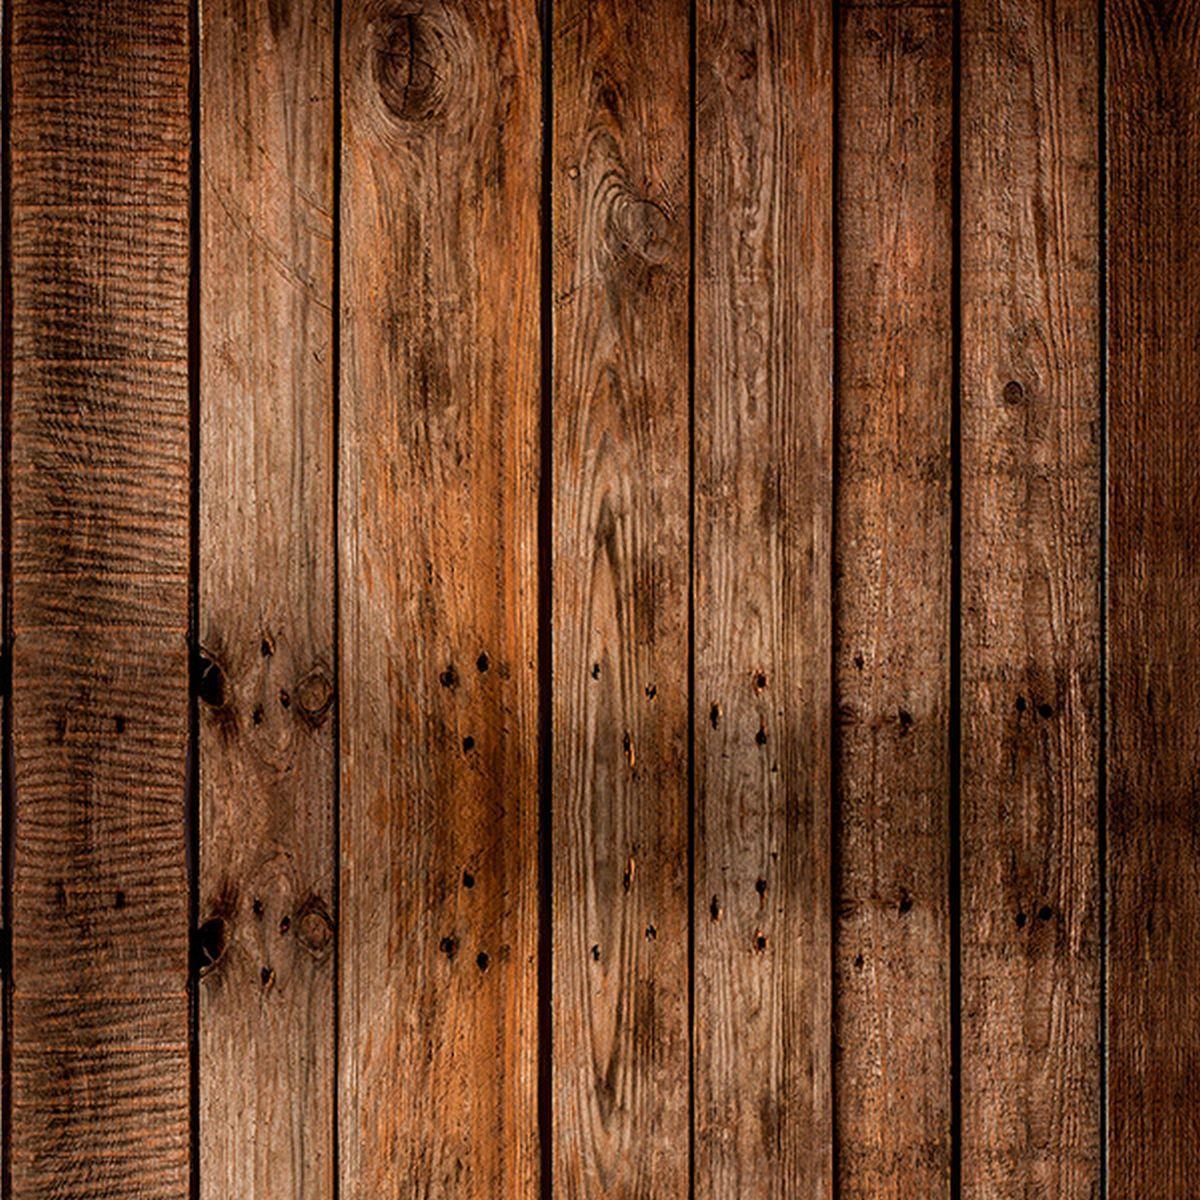 Papel De Parede Textura De Madeira Mod 12 T E X T U R E  -> Foto De Parede De Madeira